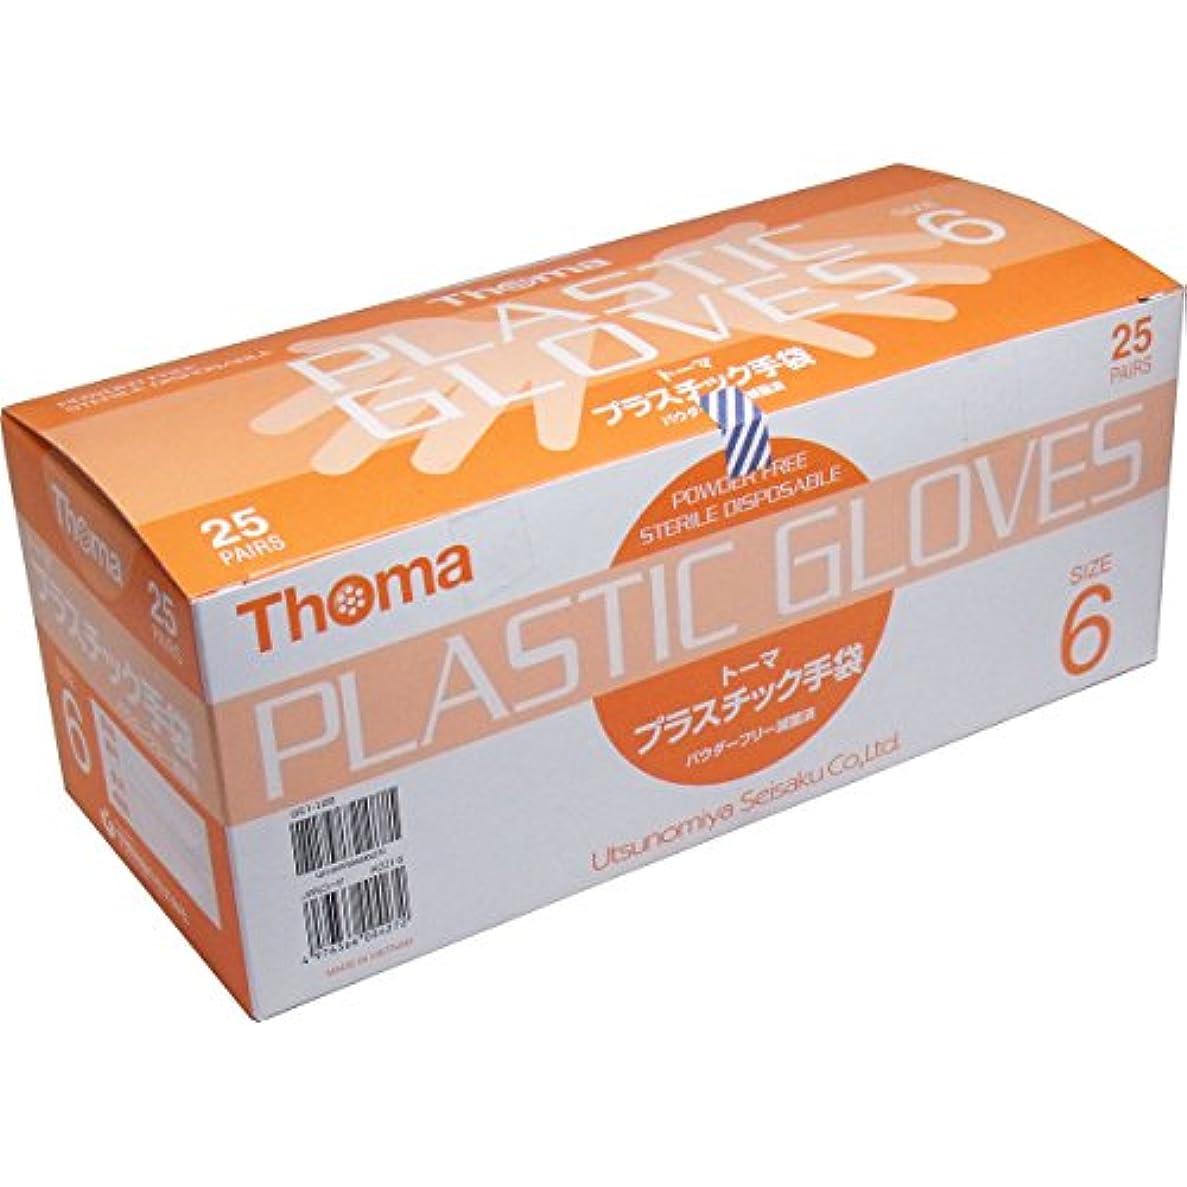 取り替える西部へこみ超薄手プラスチック手袋 超薄手仕上げ 使いやすい トーマ プラスチック手袋 パウダーフリー滅菌済 25双入 サイズ6【4個セット】